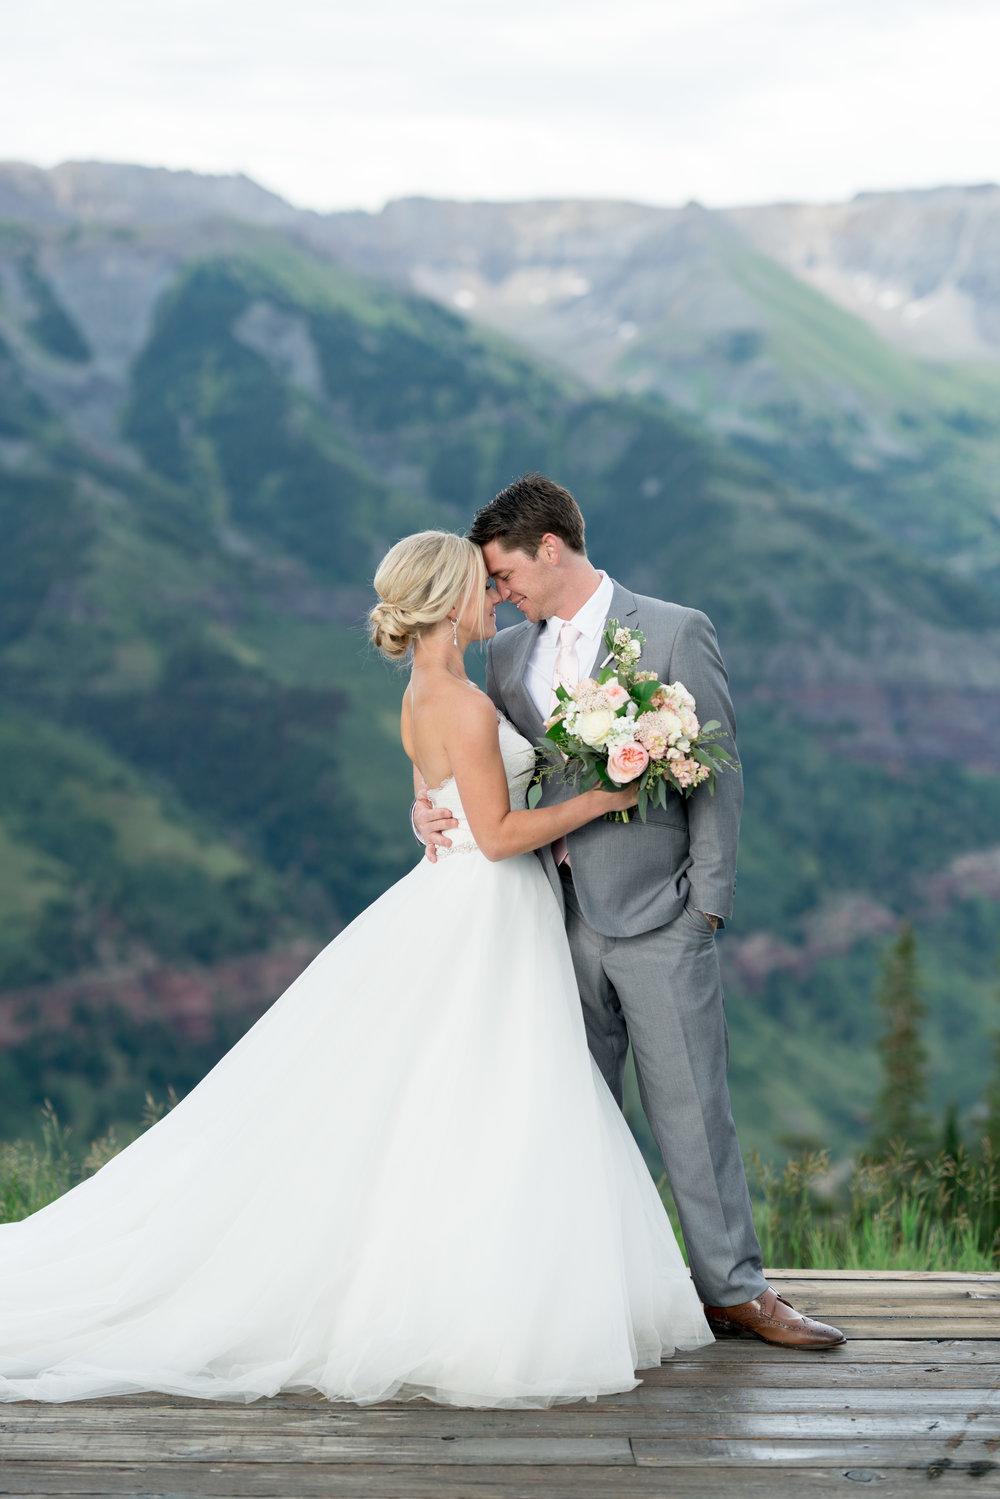 Sarah-CJ-Wedding-160805-0828.jpg